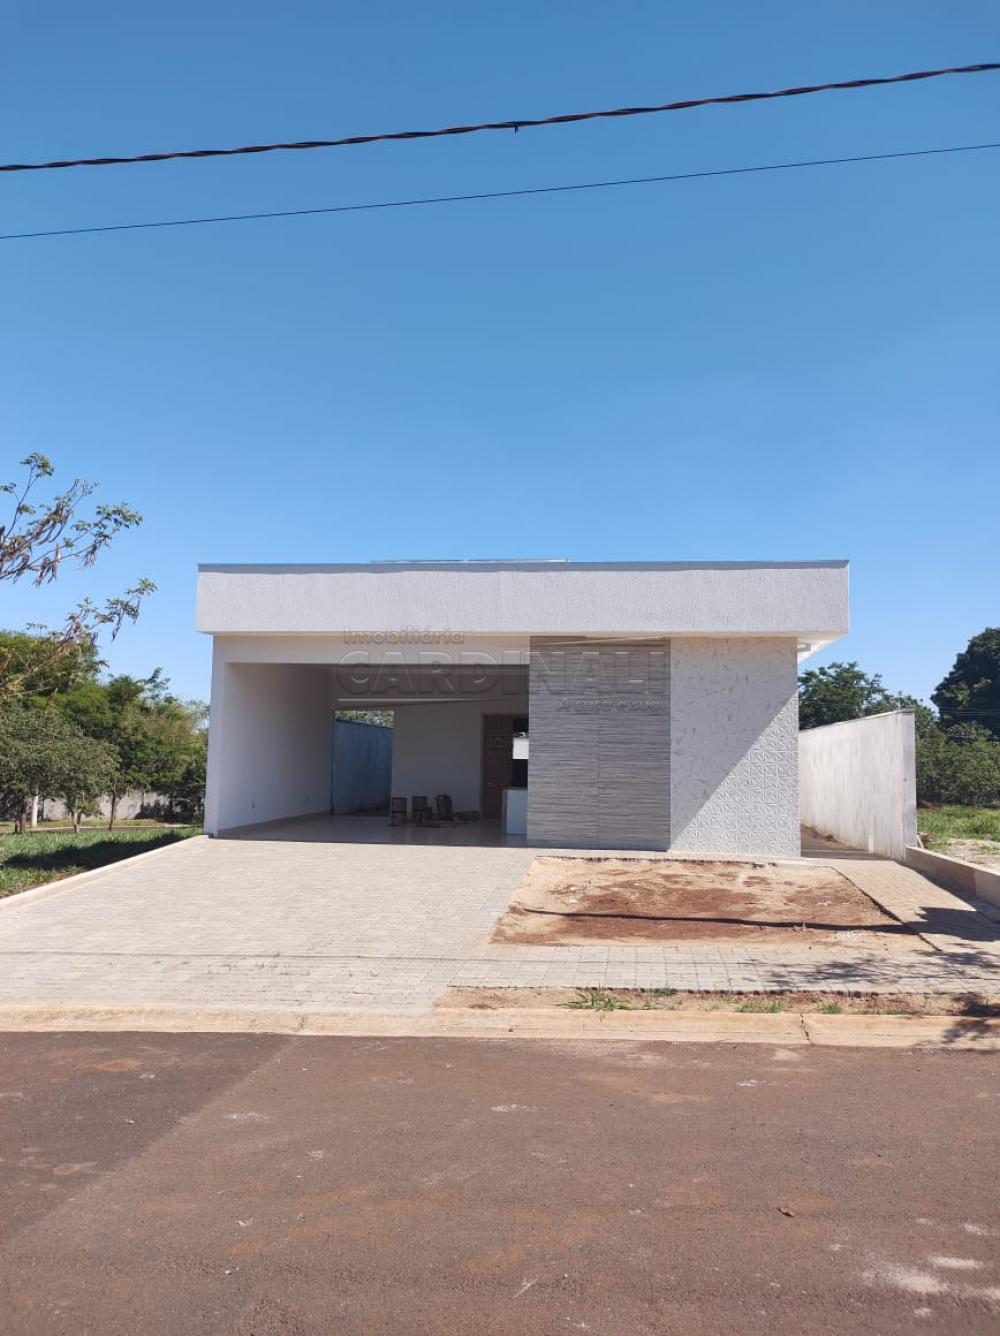 Comprar Casa / Condomínio em Araraquara R$ 480.000,00 - Foto 5